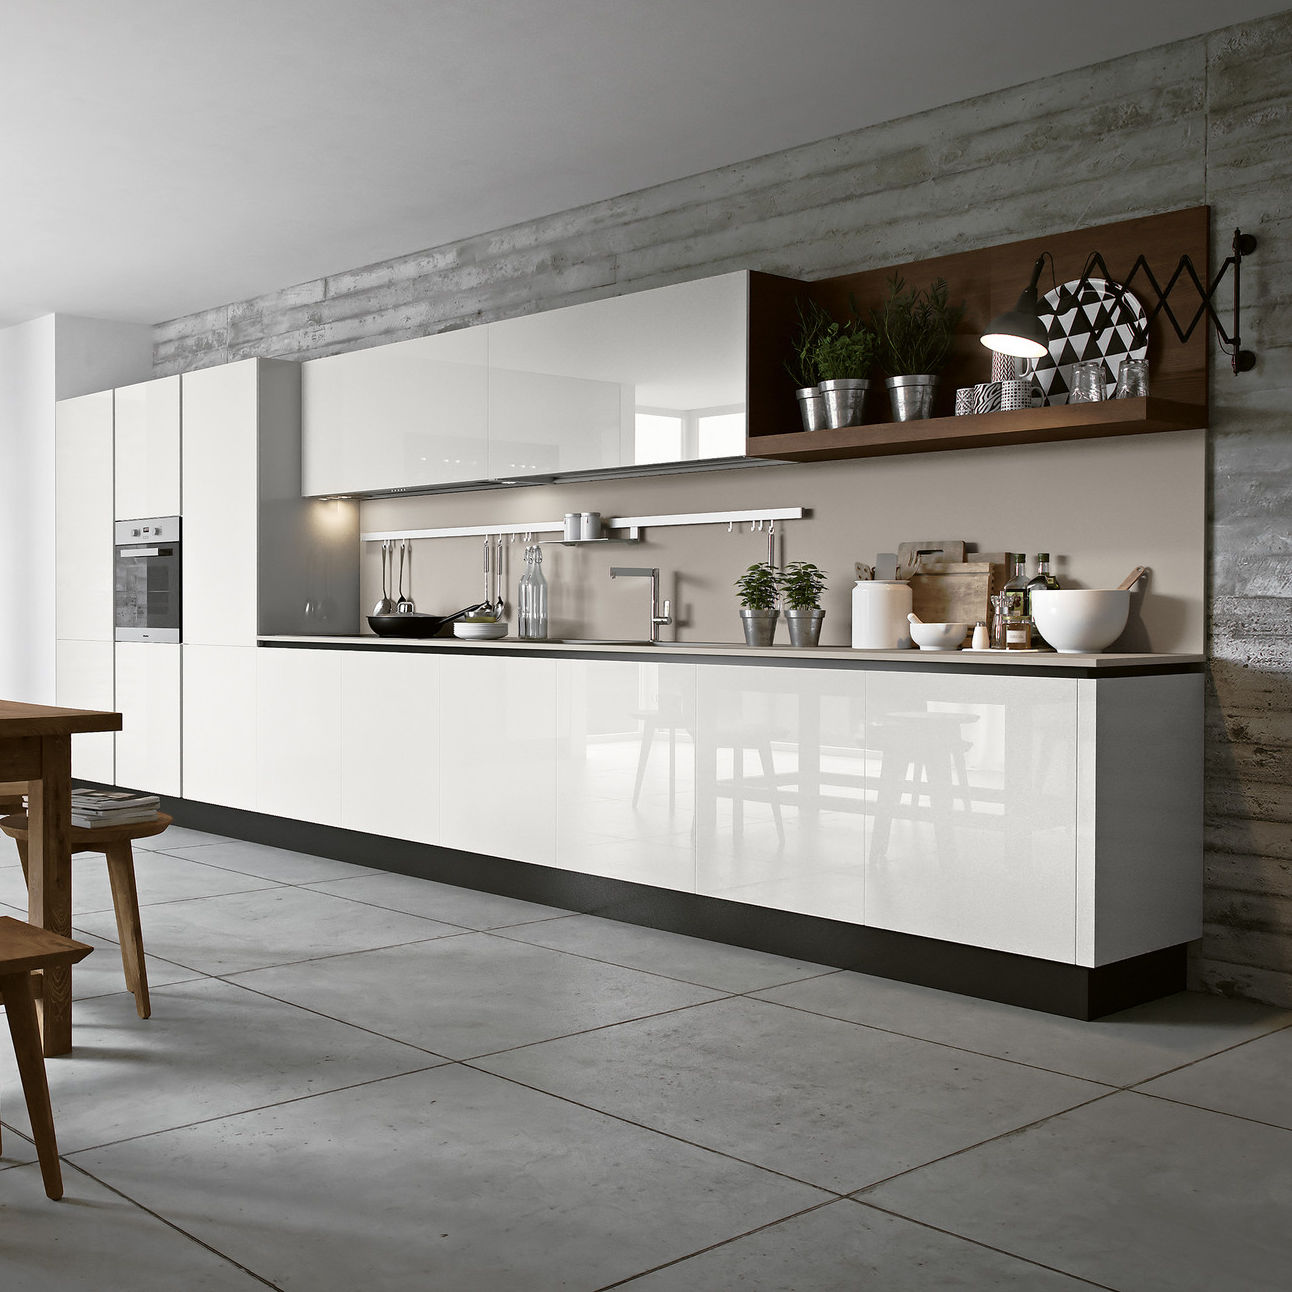 Atemberaubend Küche Täfelung Galerie - Küchenschrank Ideen ...